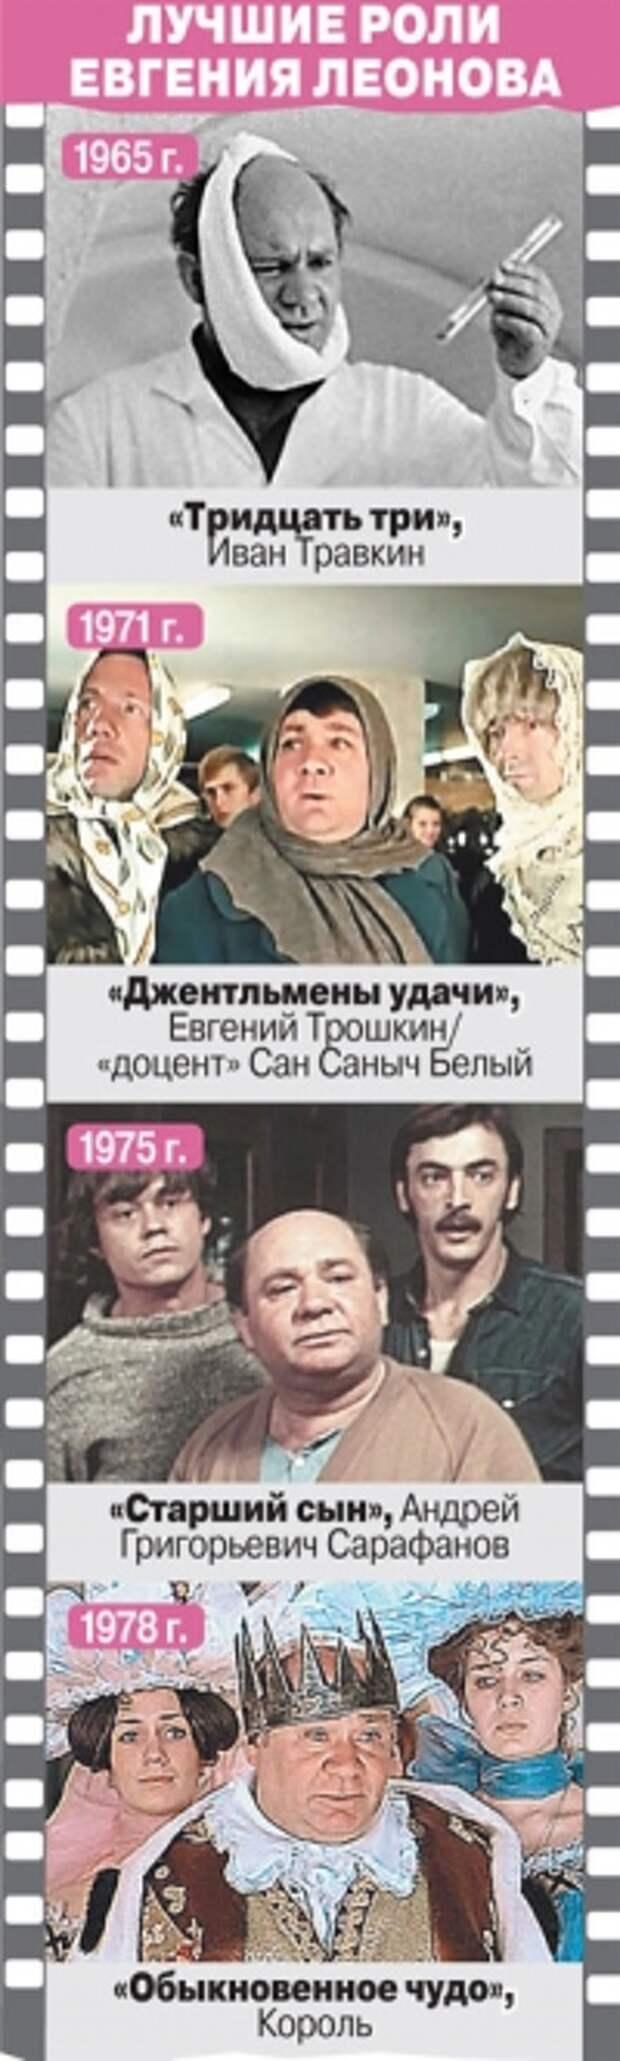 Незаменимый. Евгений Леонов тратил себя не только в ролях, но и в жизни